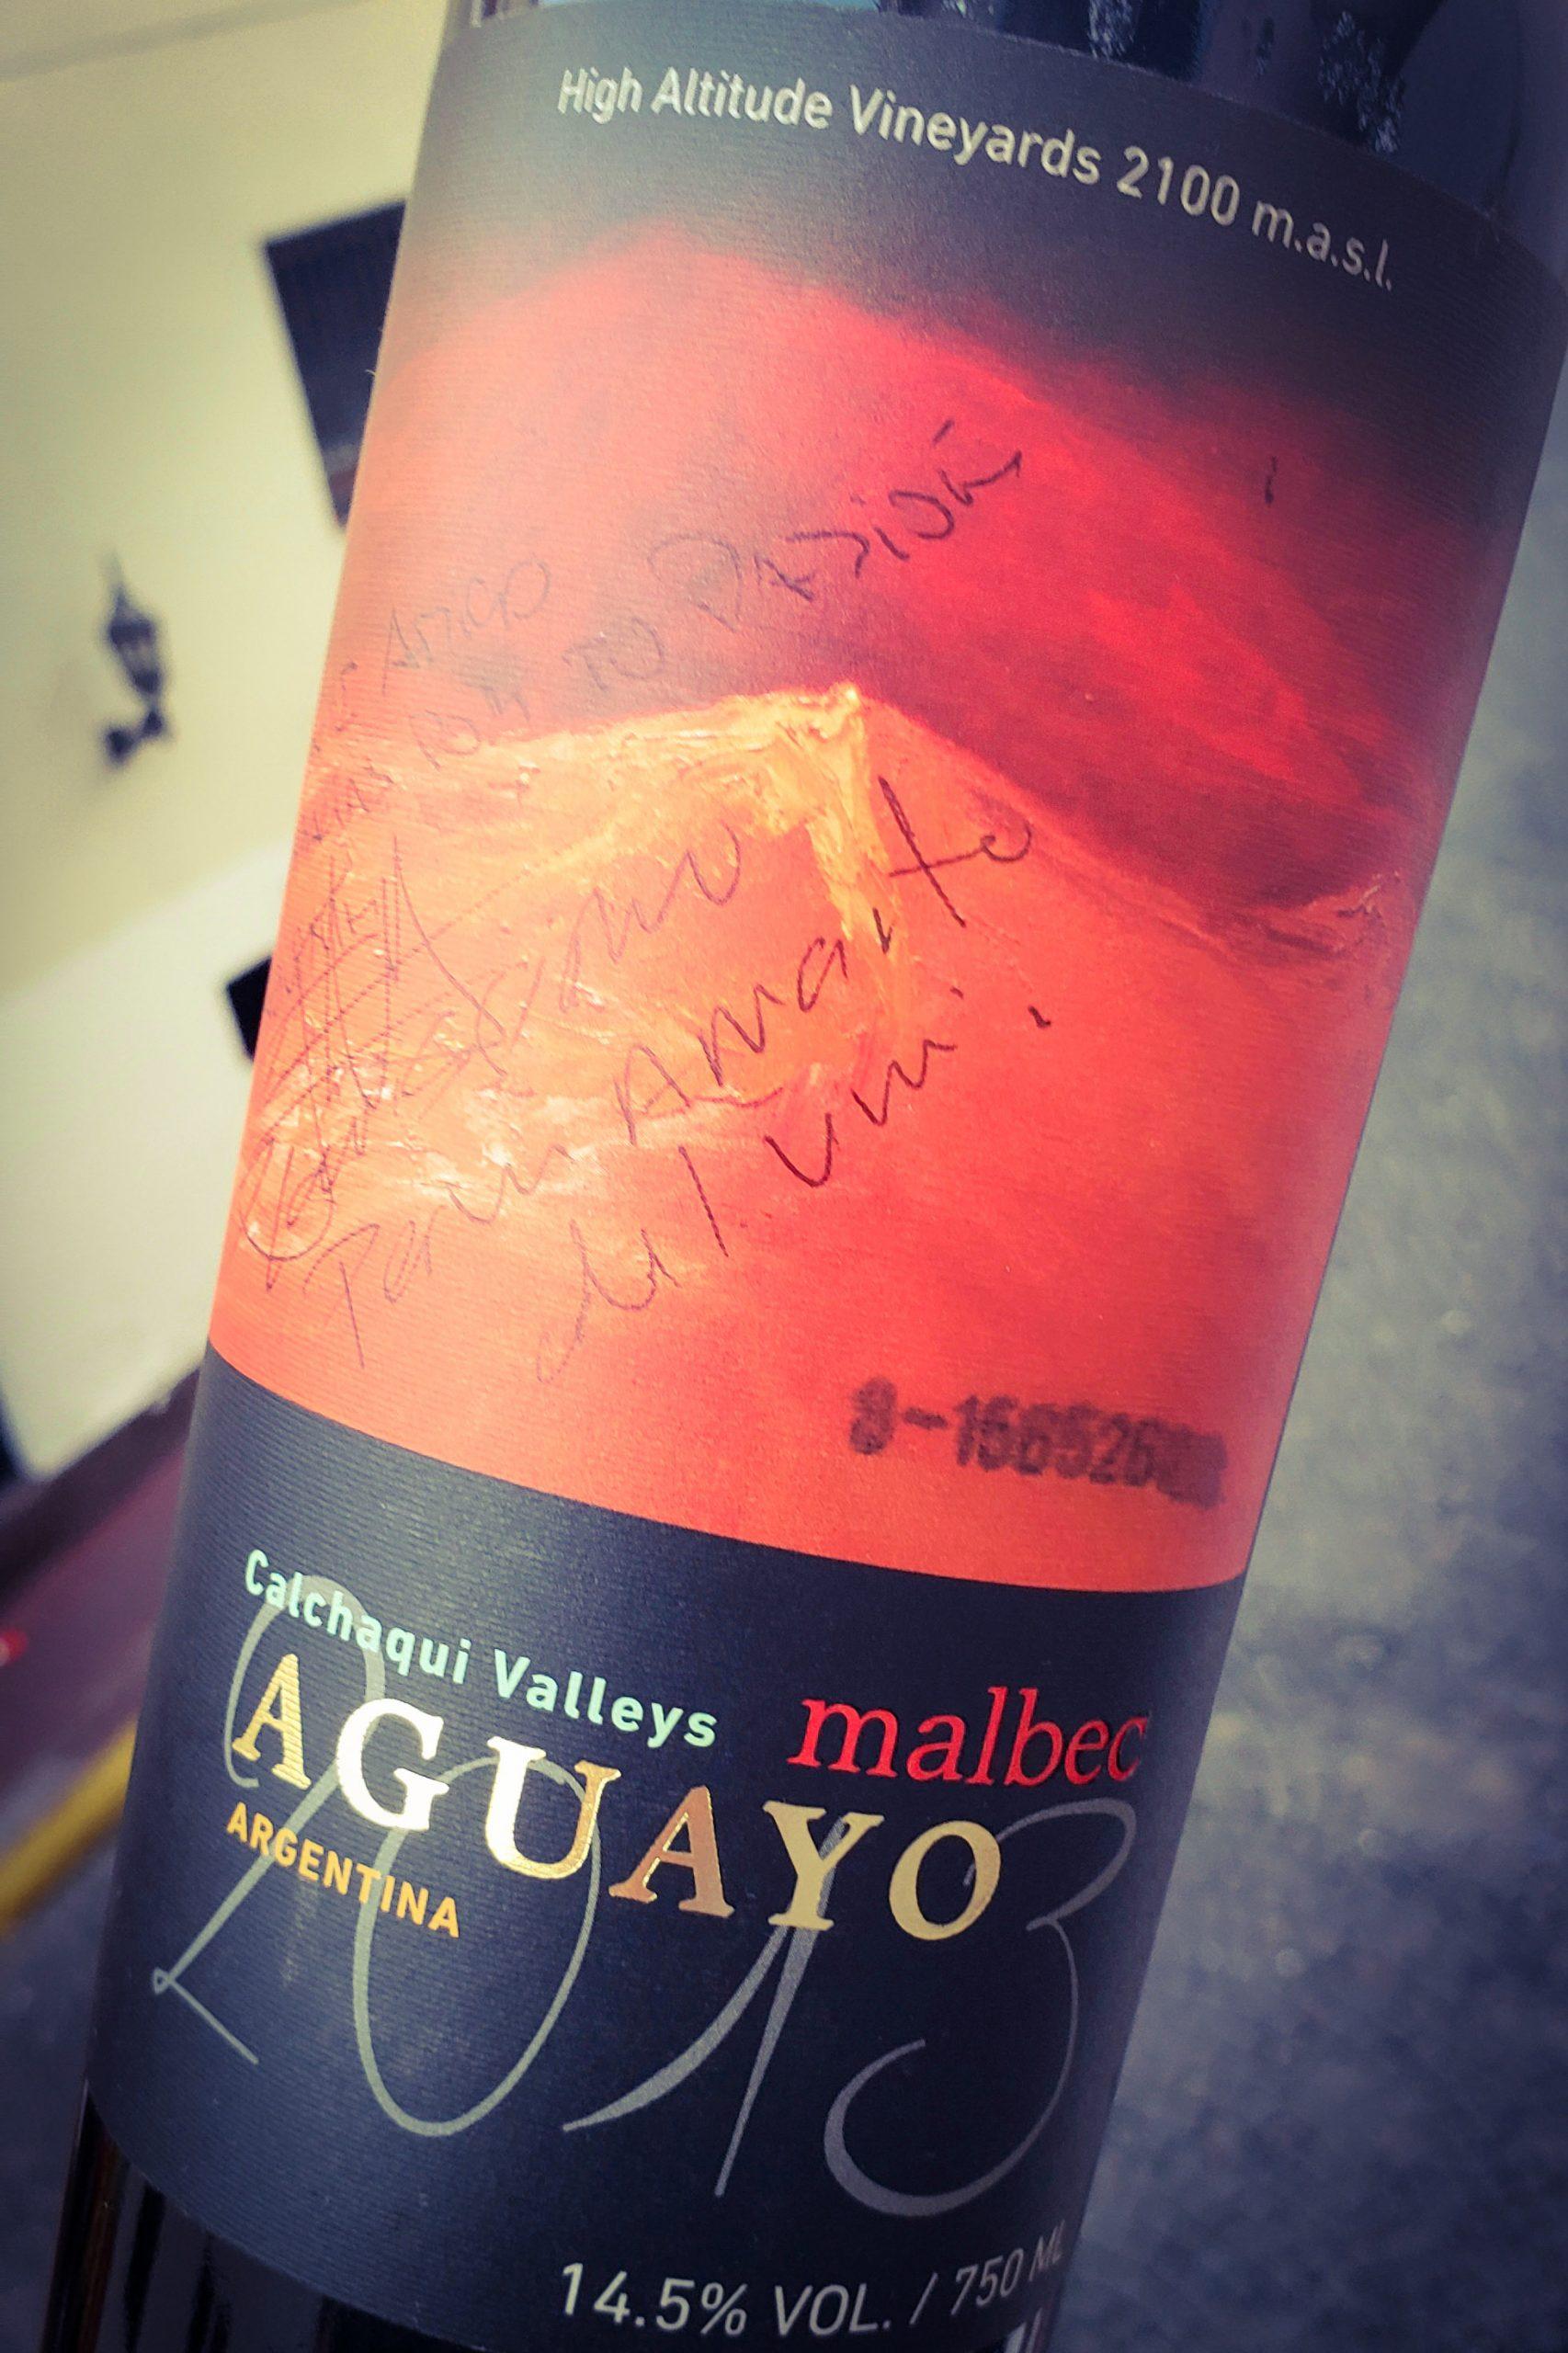 vinos de autor - aguayo